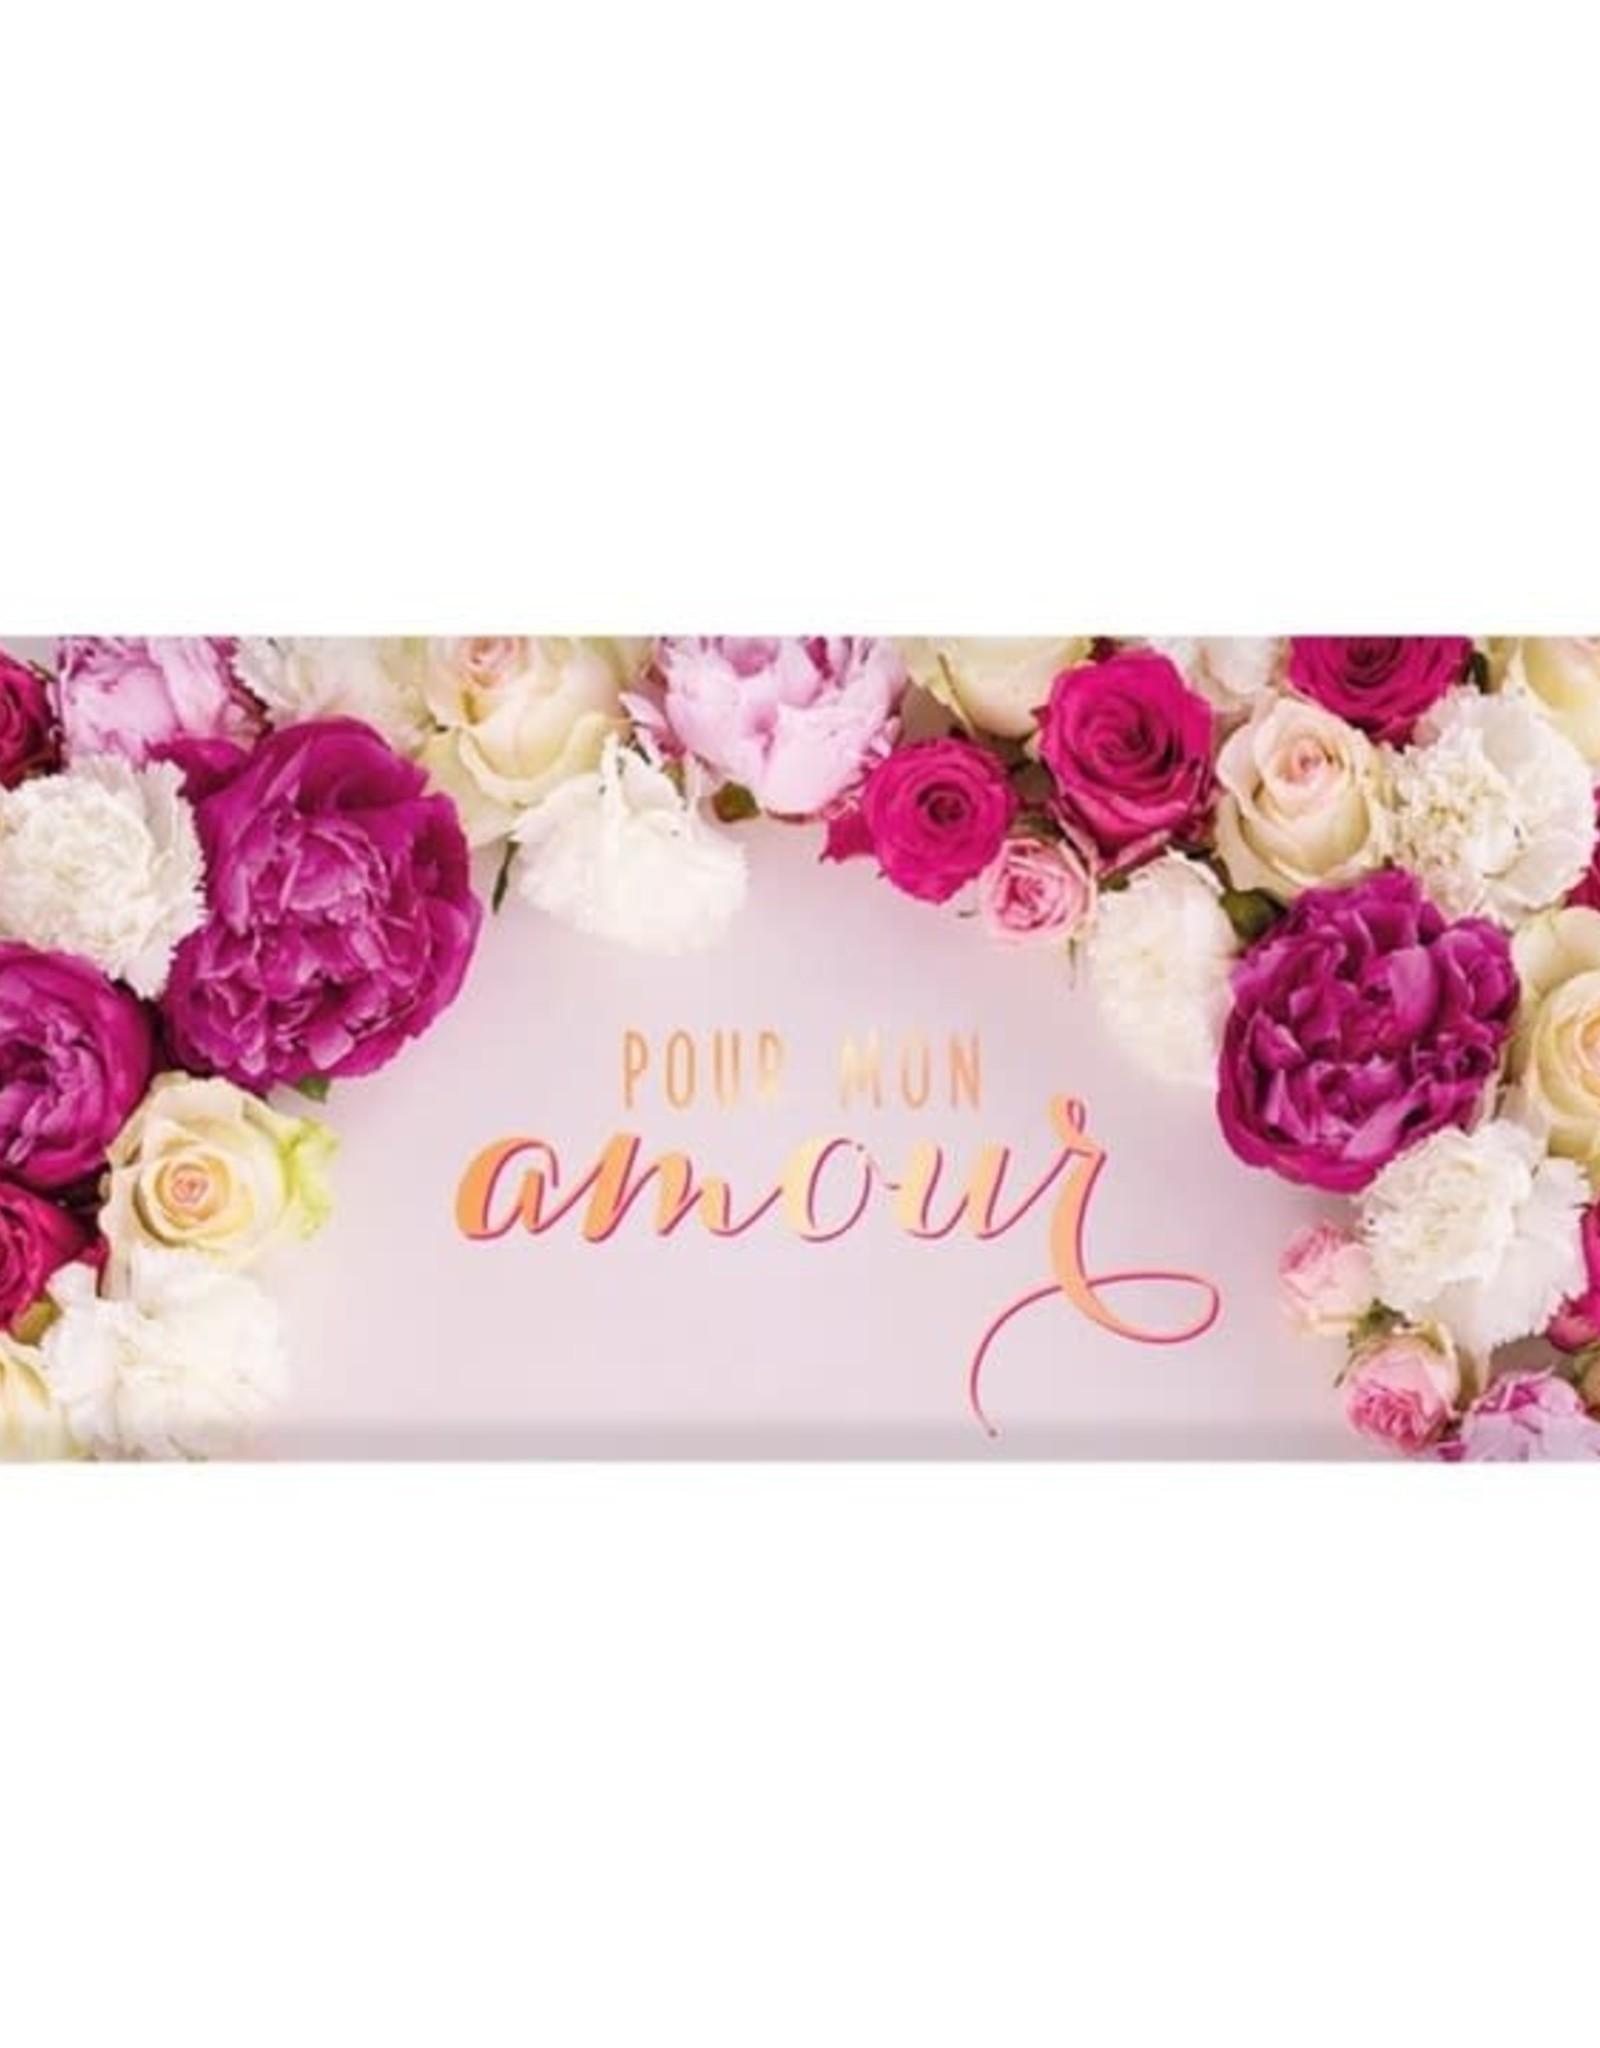 Barre de chocolat - Mon amour